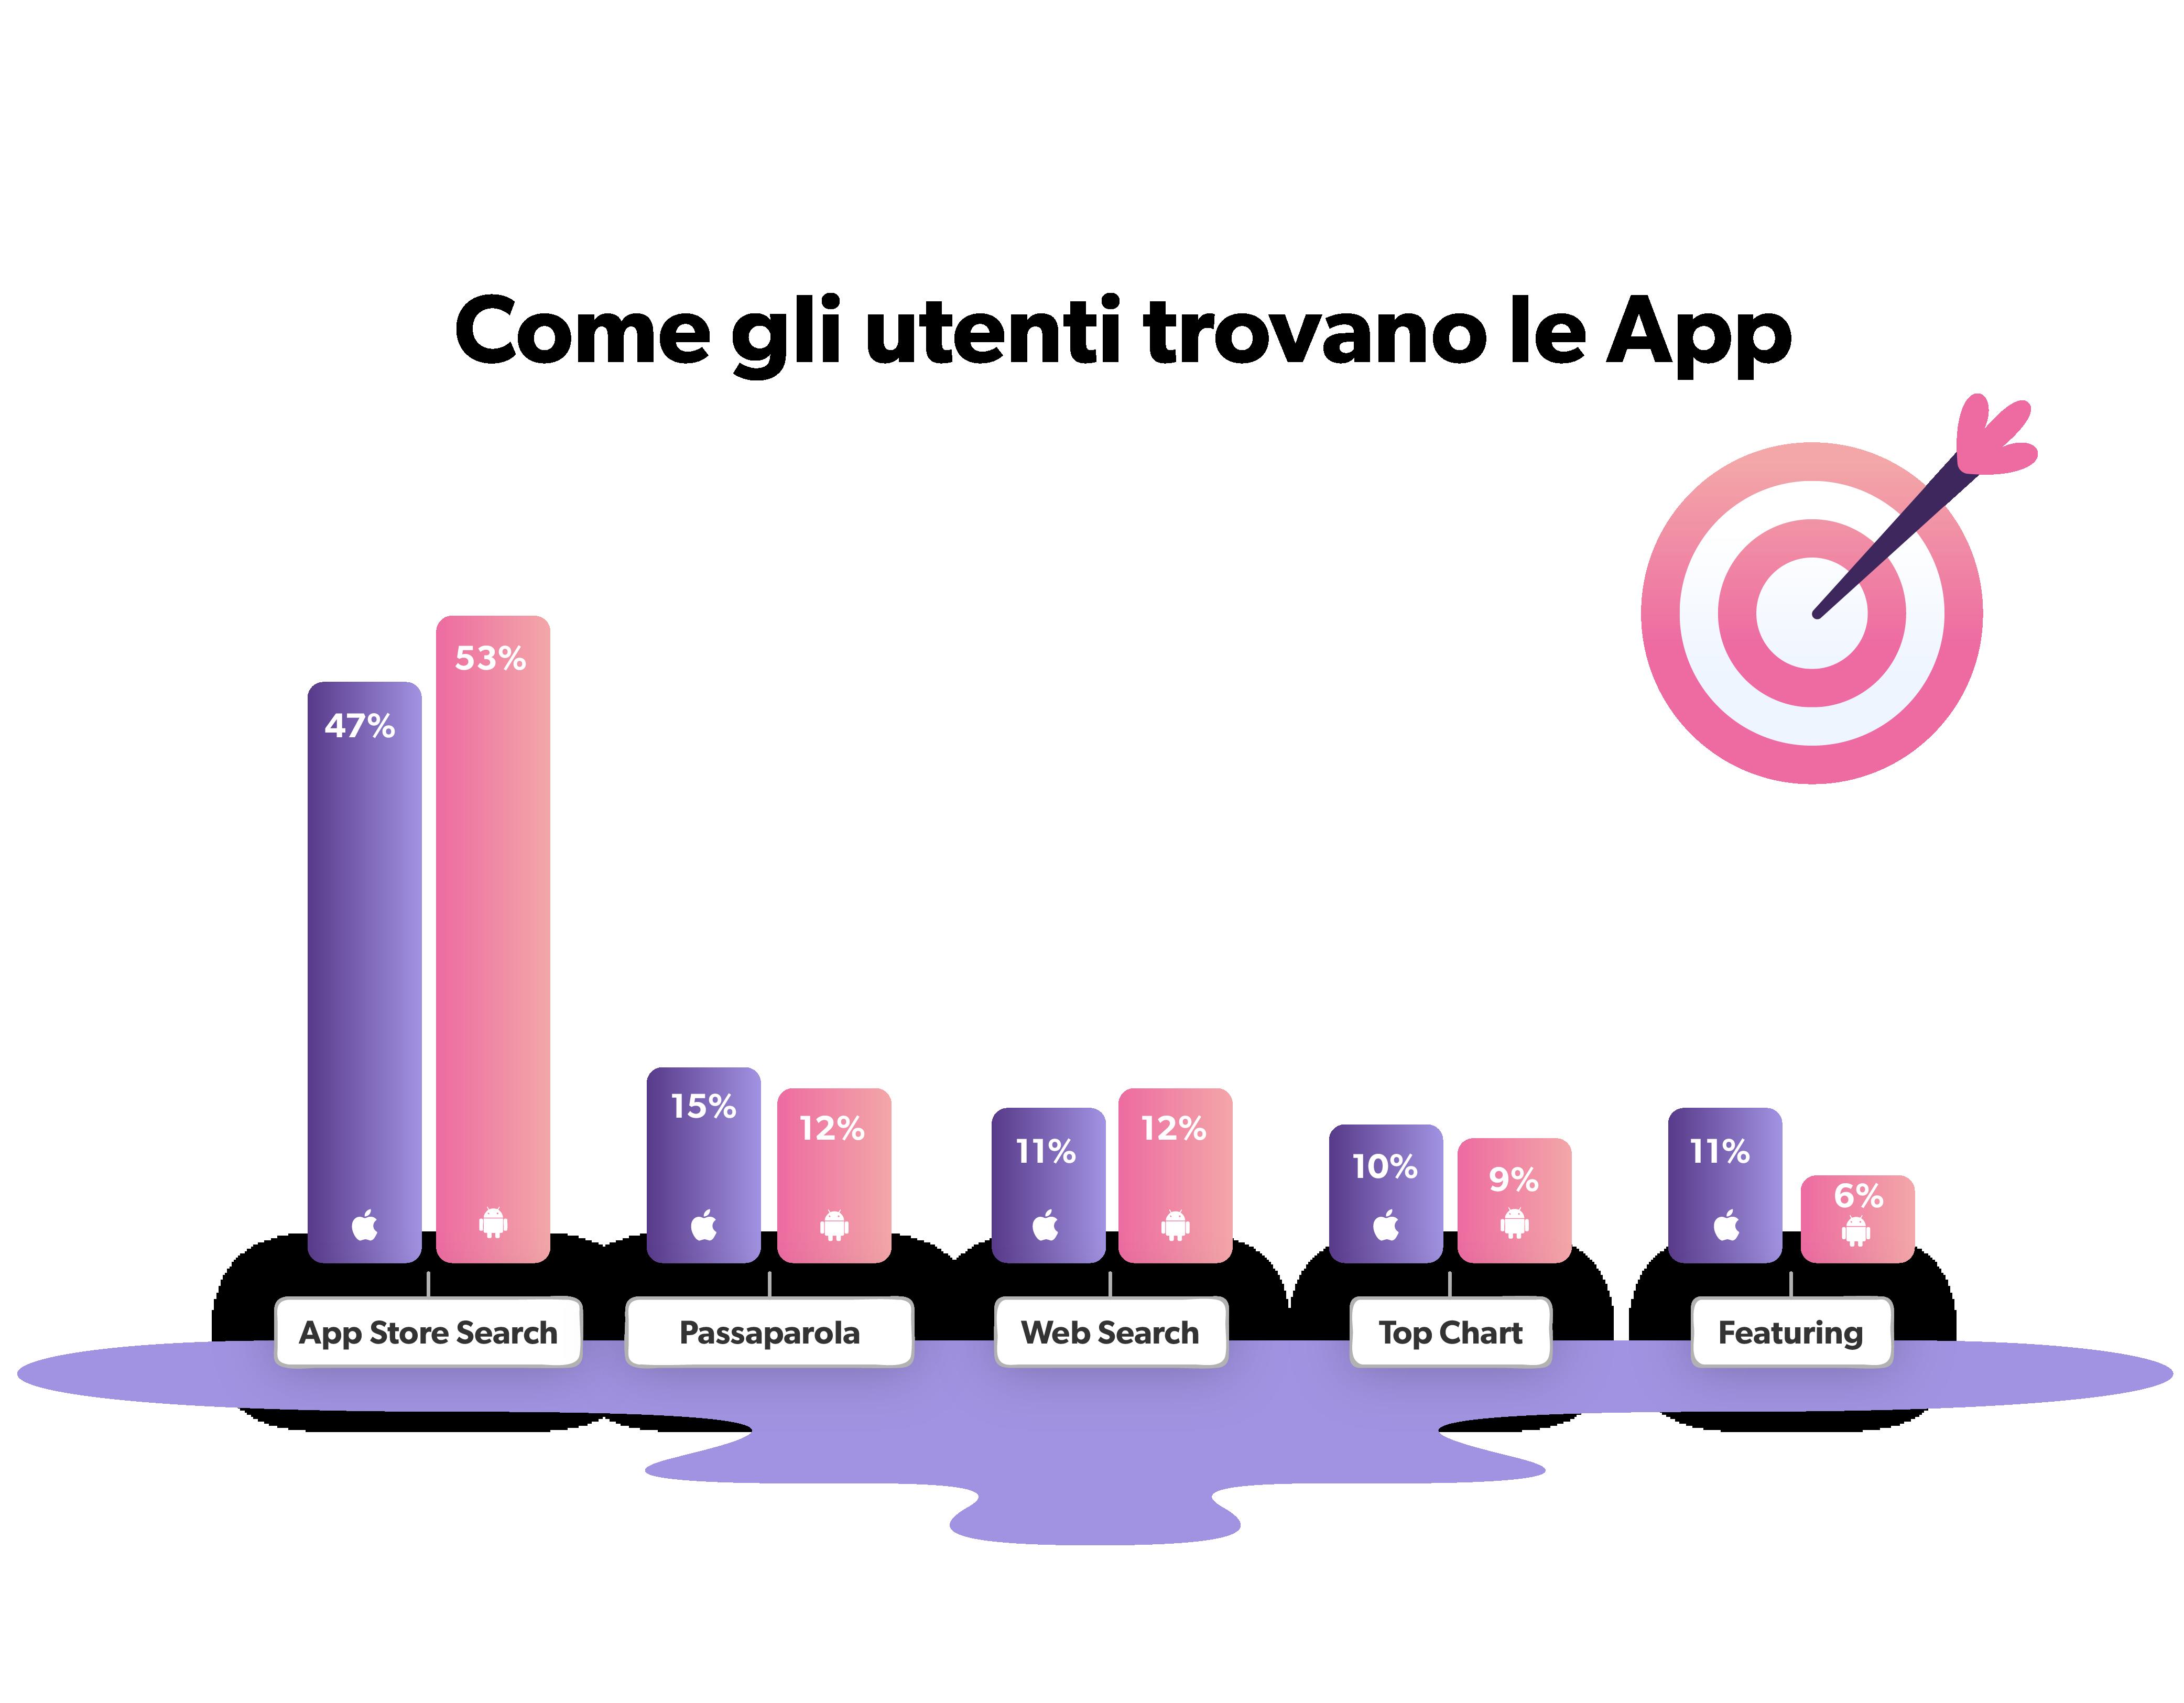 La maggior parte delle persone scopre nuove app tramite la ricerca negli app store, rendendo l'ottimizzazione dell'App Store vitale per il successo